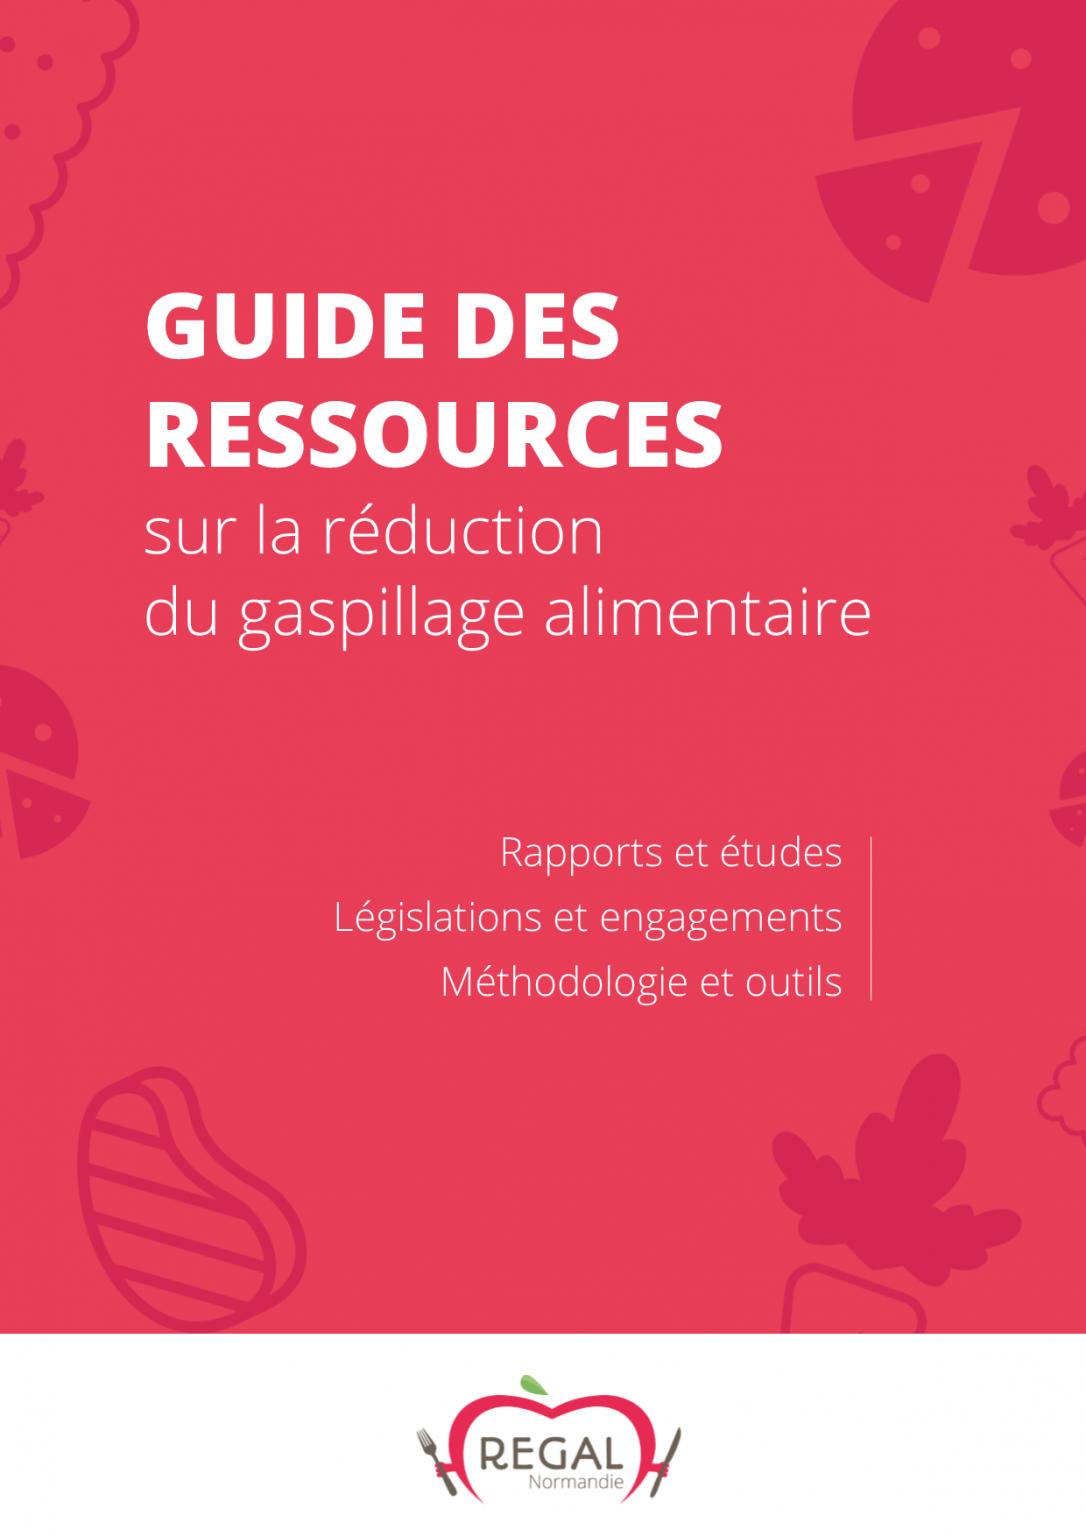 Guide des ressources sur la réduction du gaspillage alimentaire